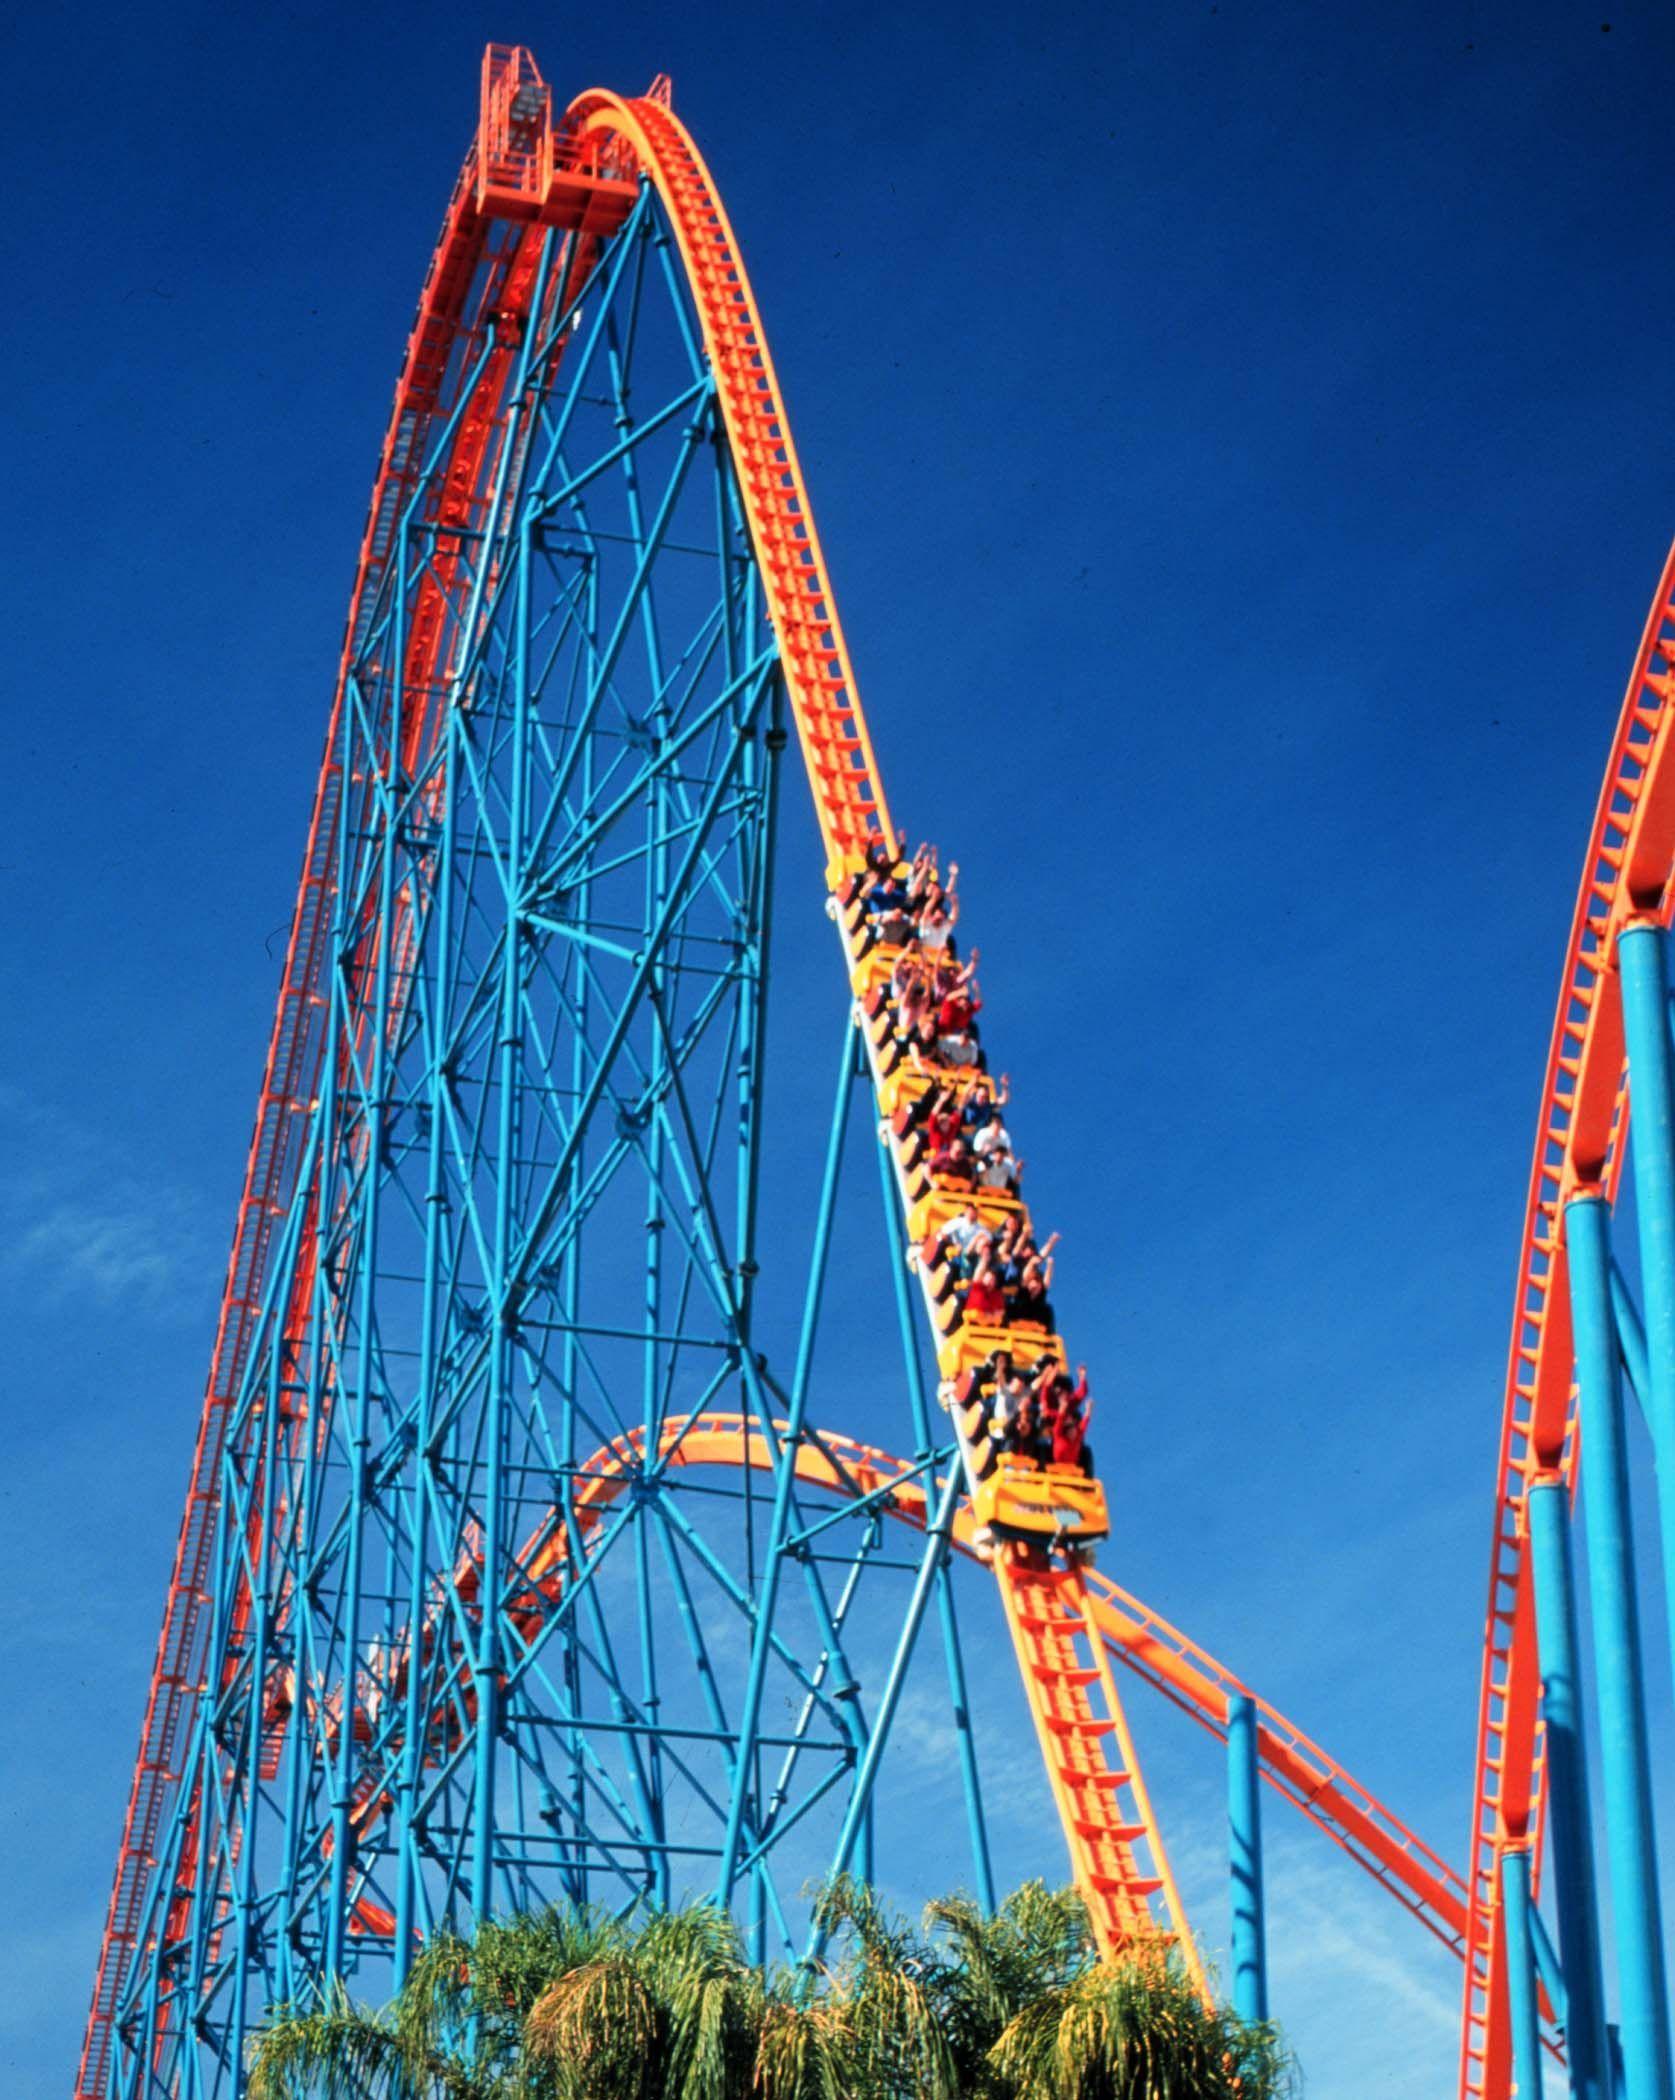 Six Flags Magic Mountain In Valencia California Best Amusement Parks Park Pictures Amusement Park Rides